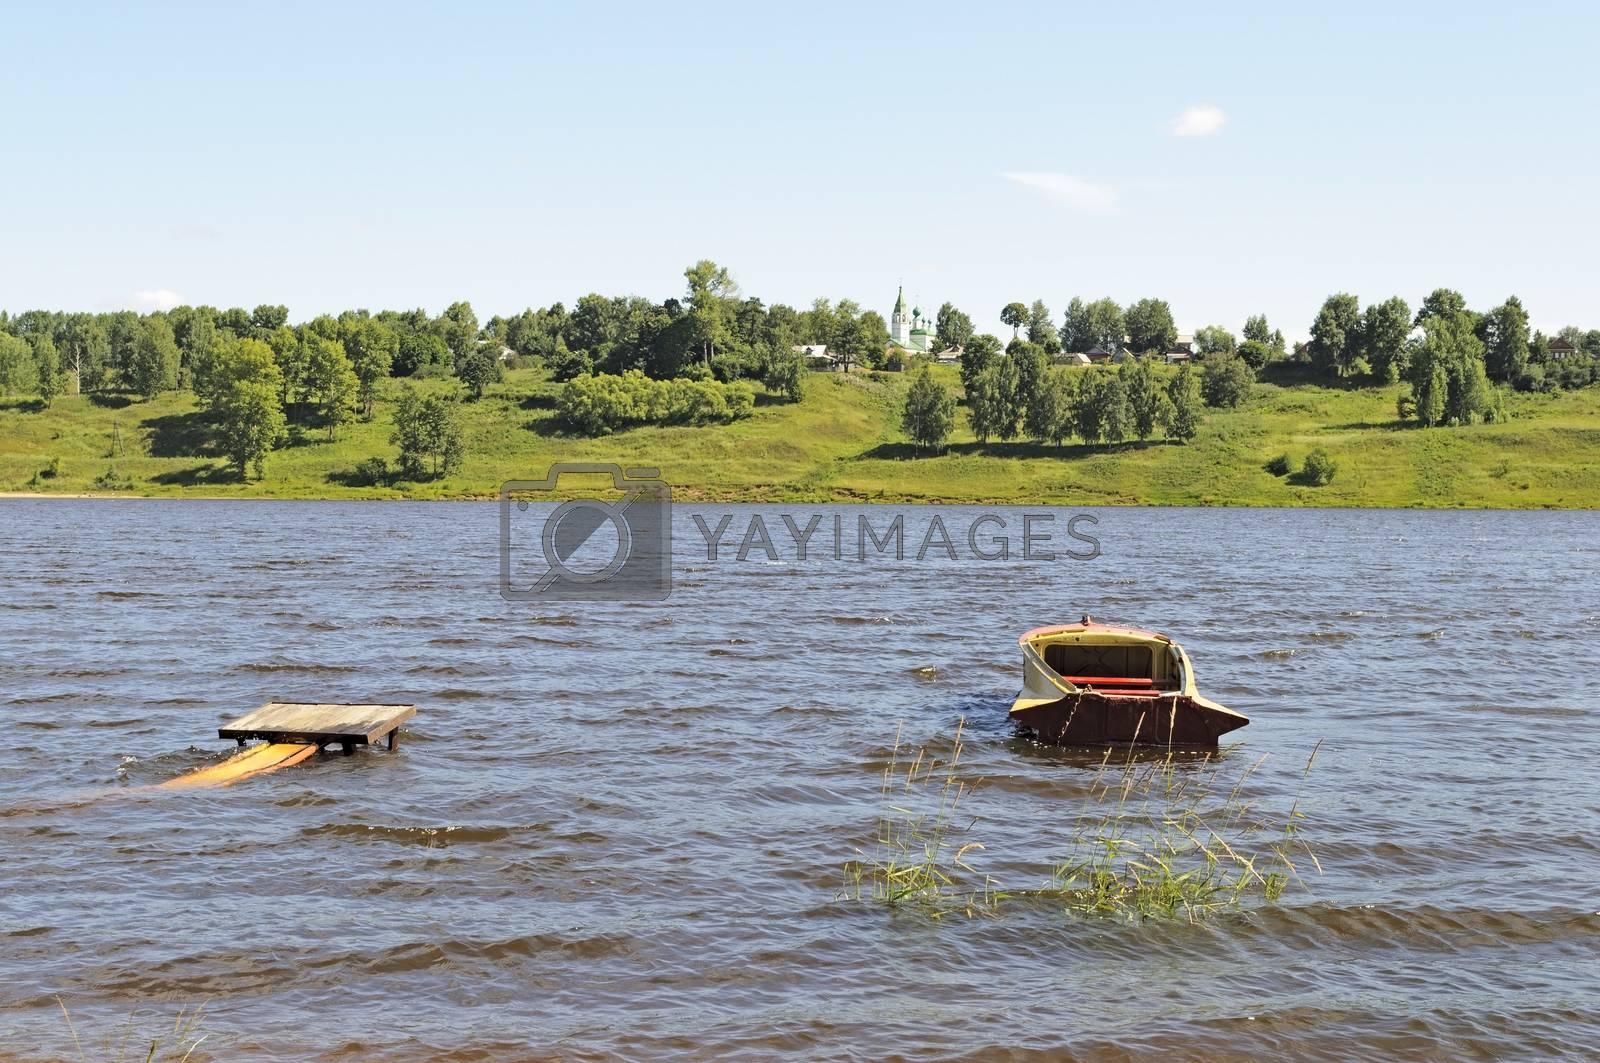 Boat near the bank of the Volga river in Tutaev, Russia